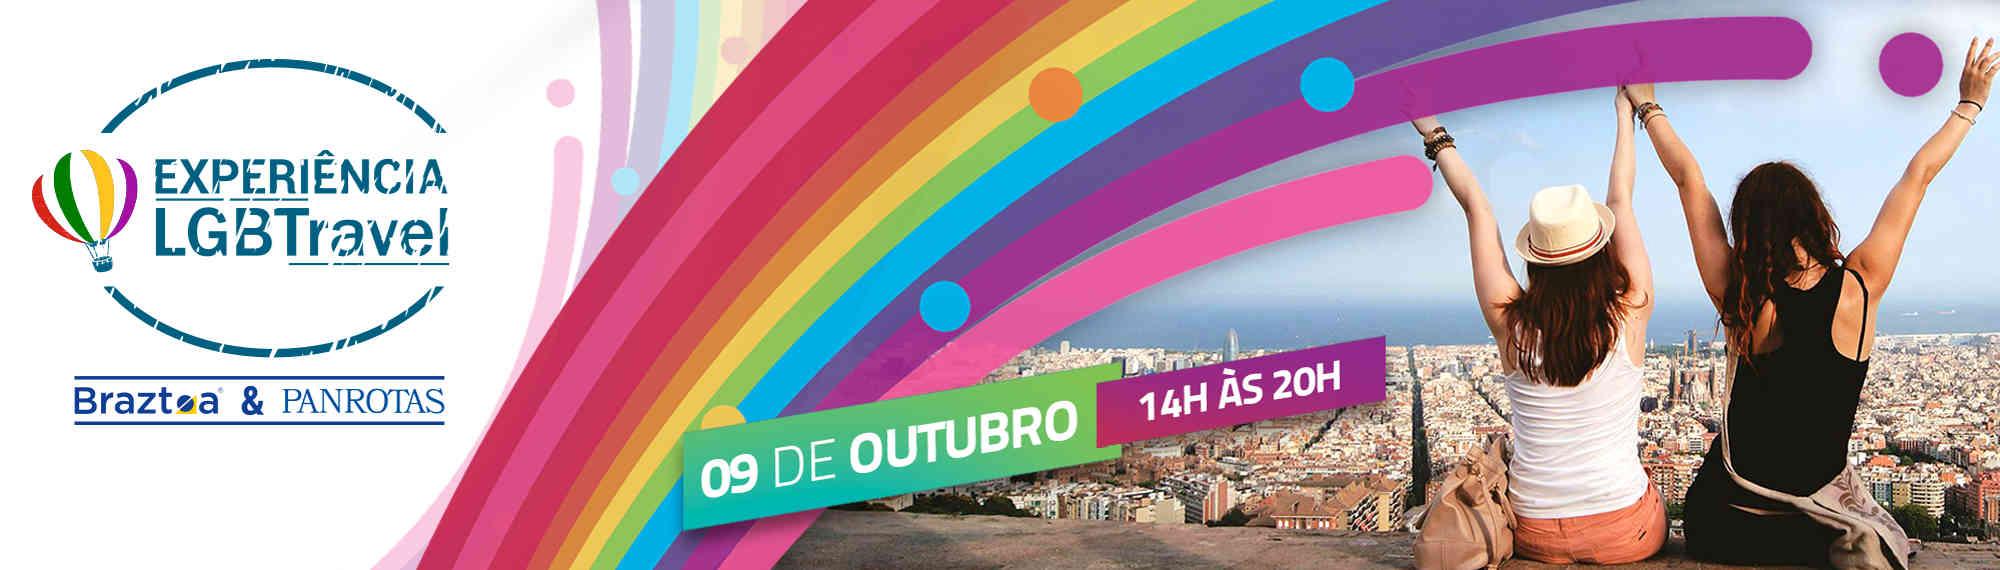 Experiência LGBTravel acontece em 9 de outubro; inscrições seguem abertas